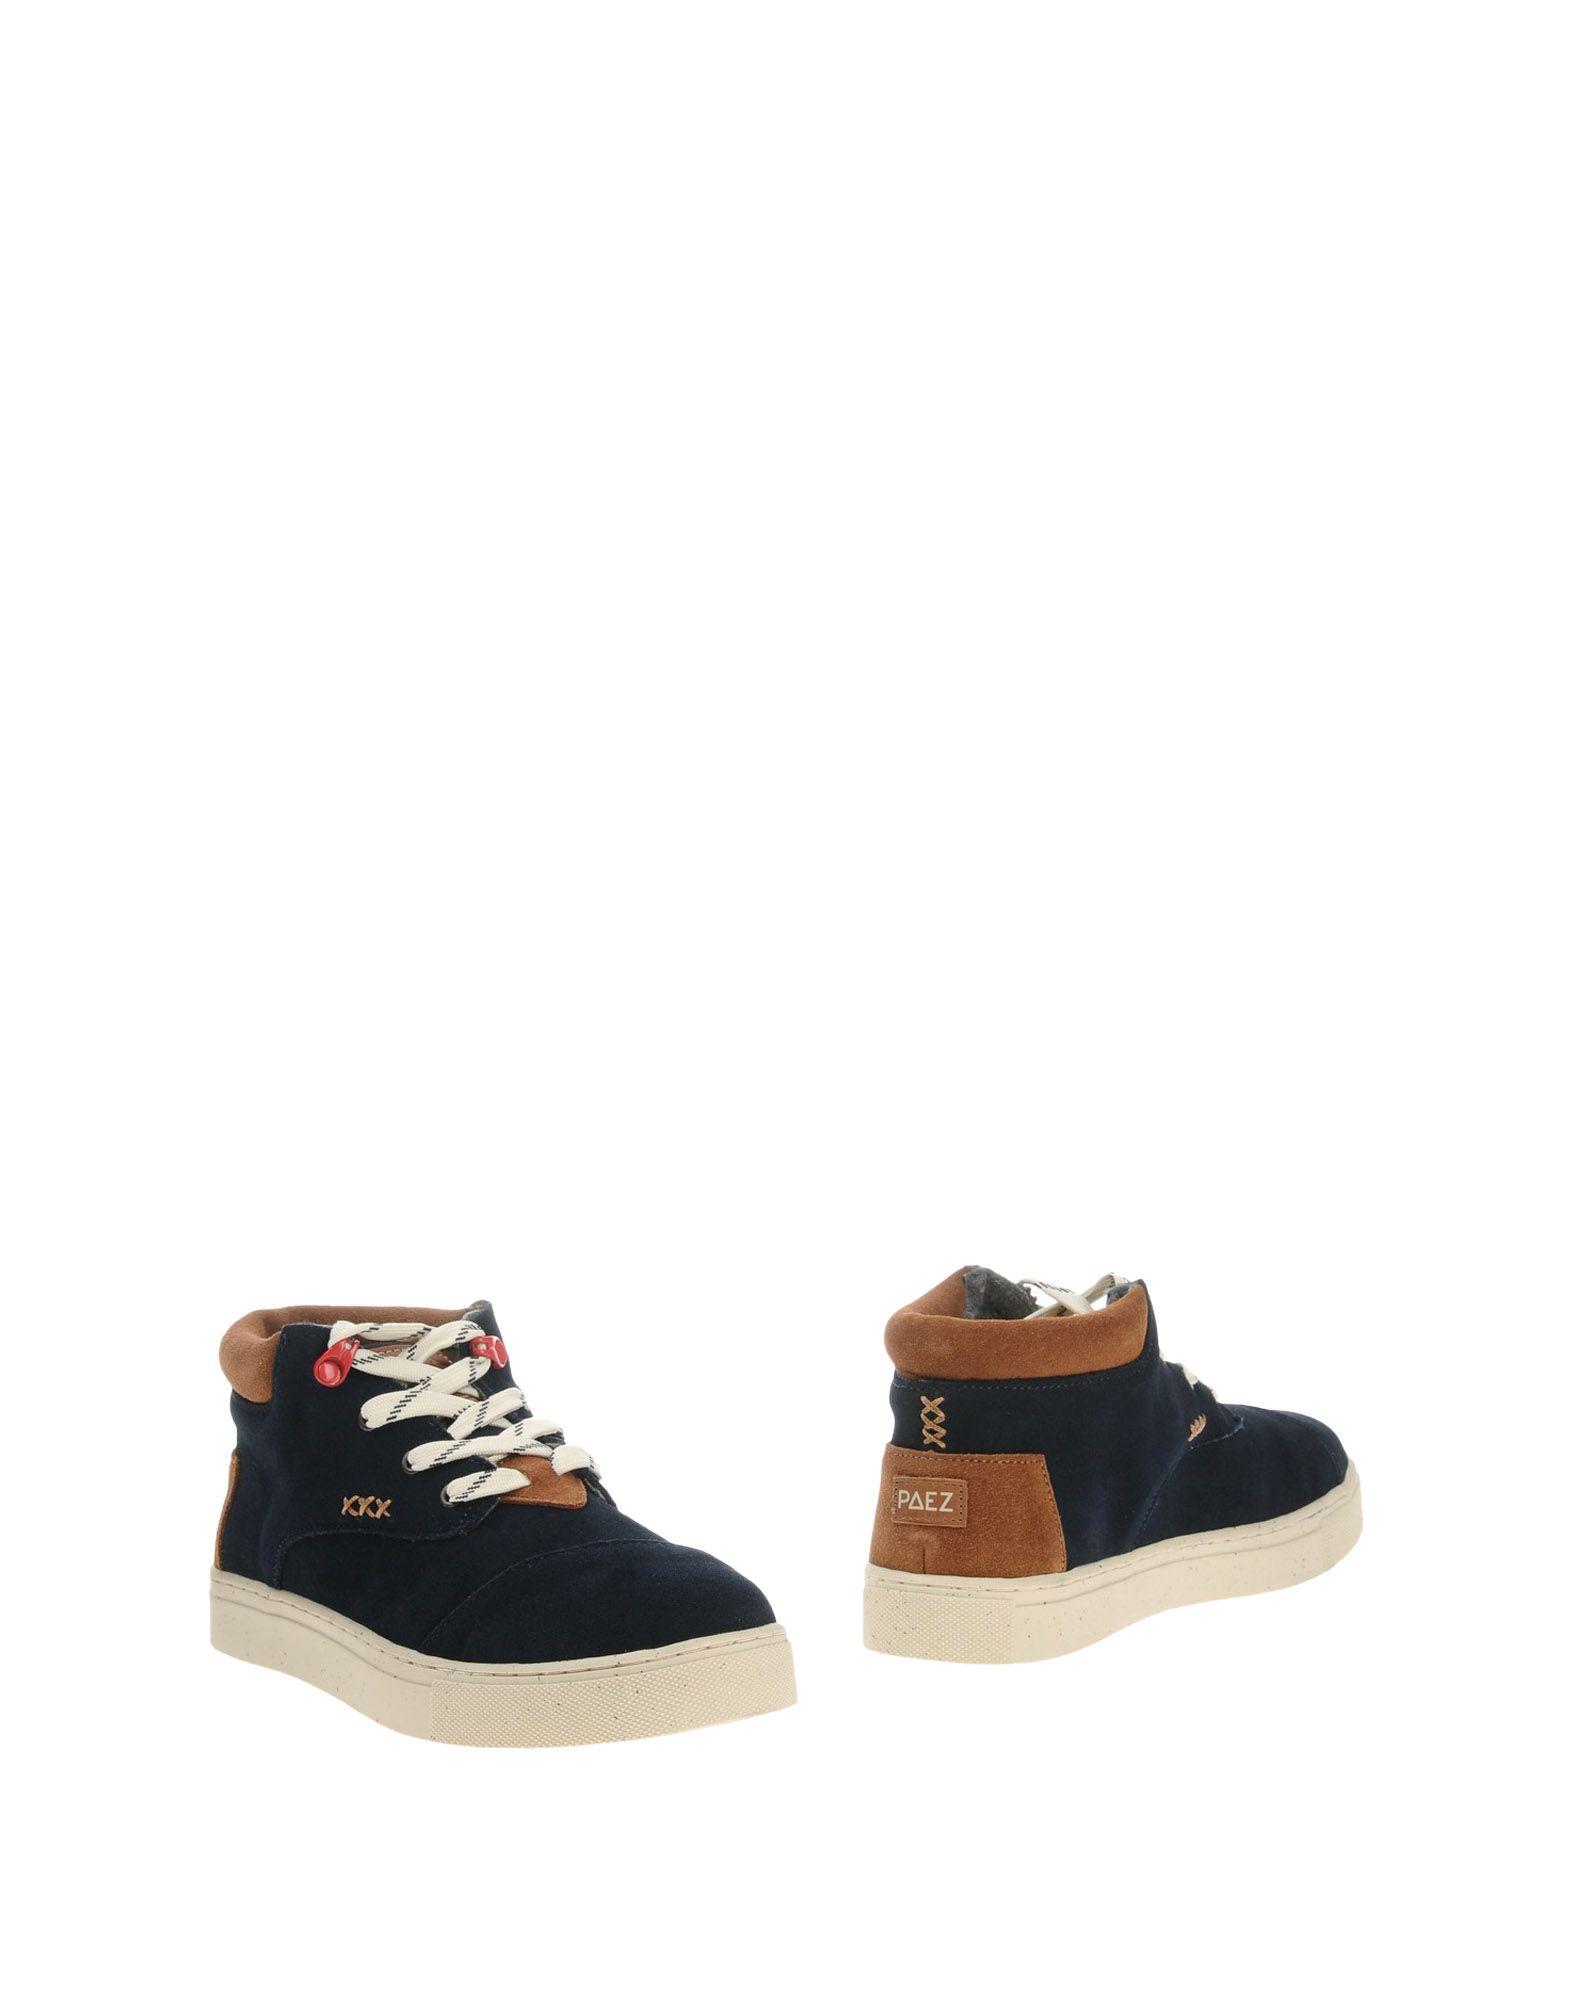 Haltbare Mode billige Schuhe Paez Stiefelette Herren  11385543JK Heiße Schuhe